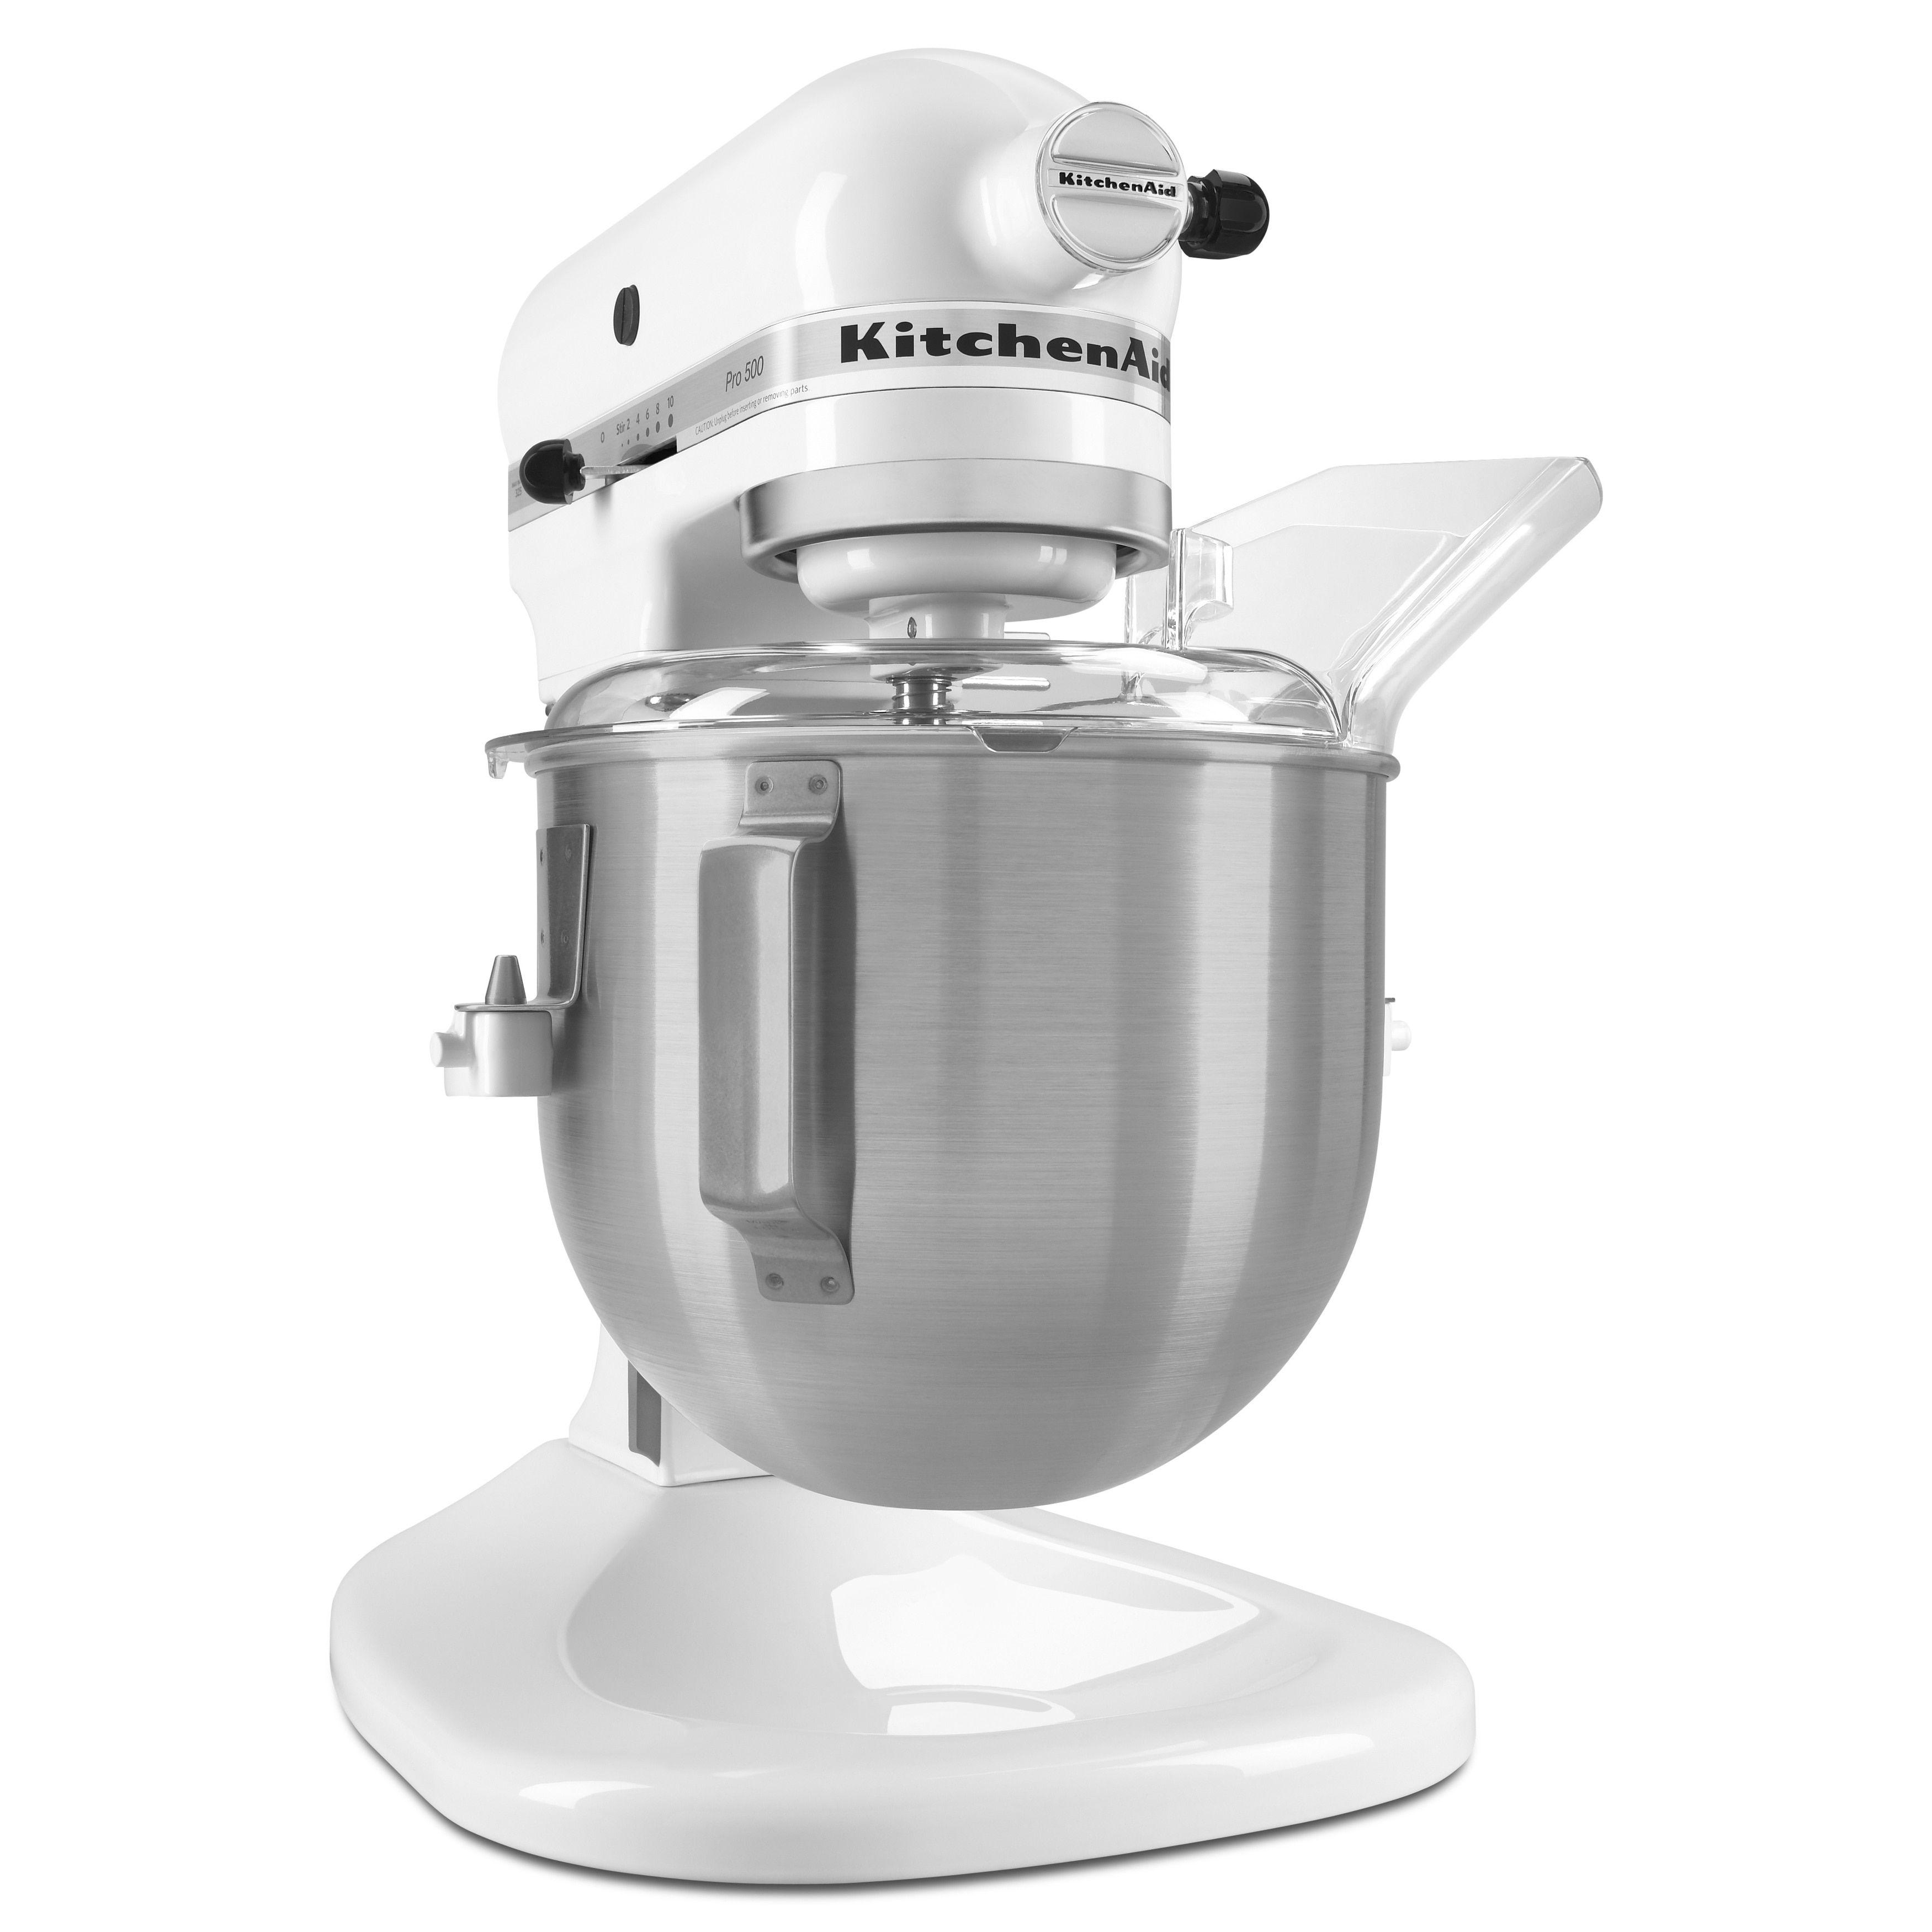 KitchenAid KSM500PS Pro 500 Series 5 Qt. Stand Mixer - White ...